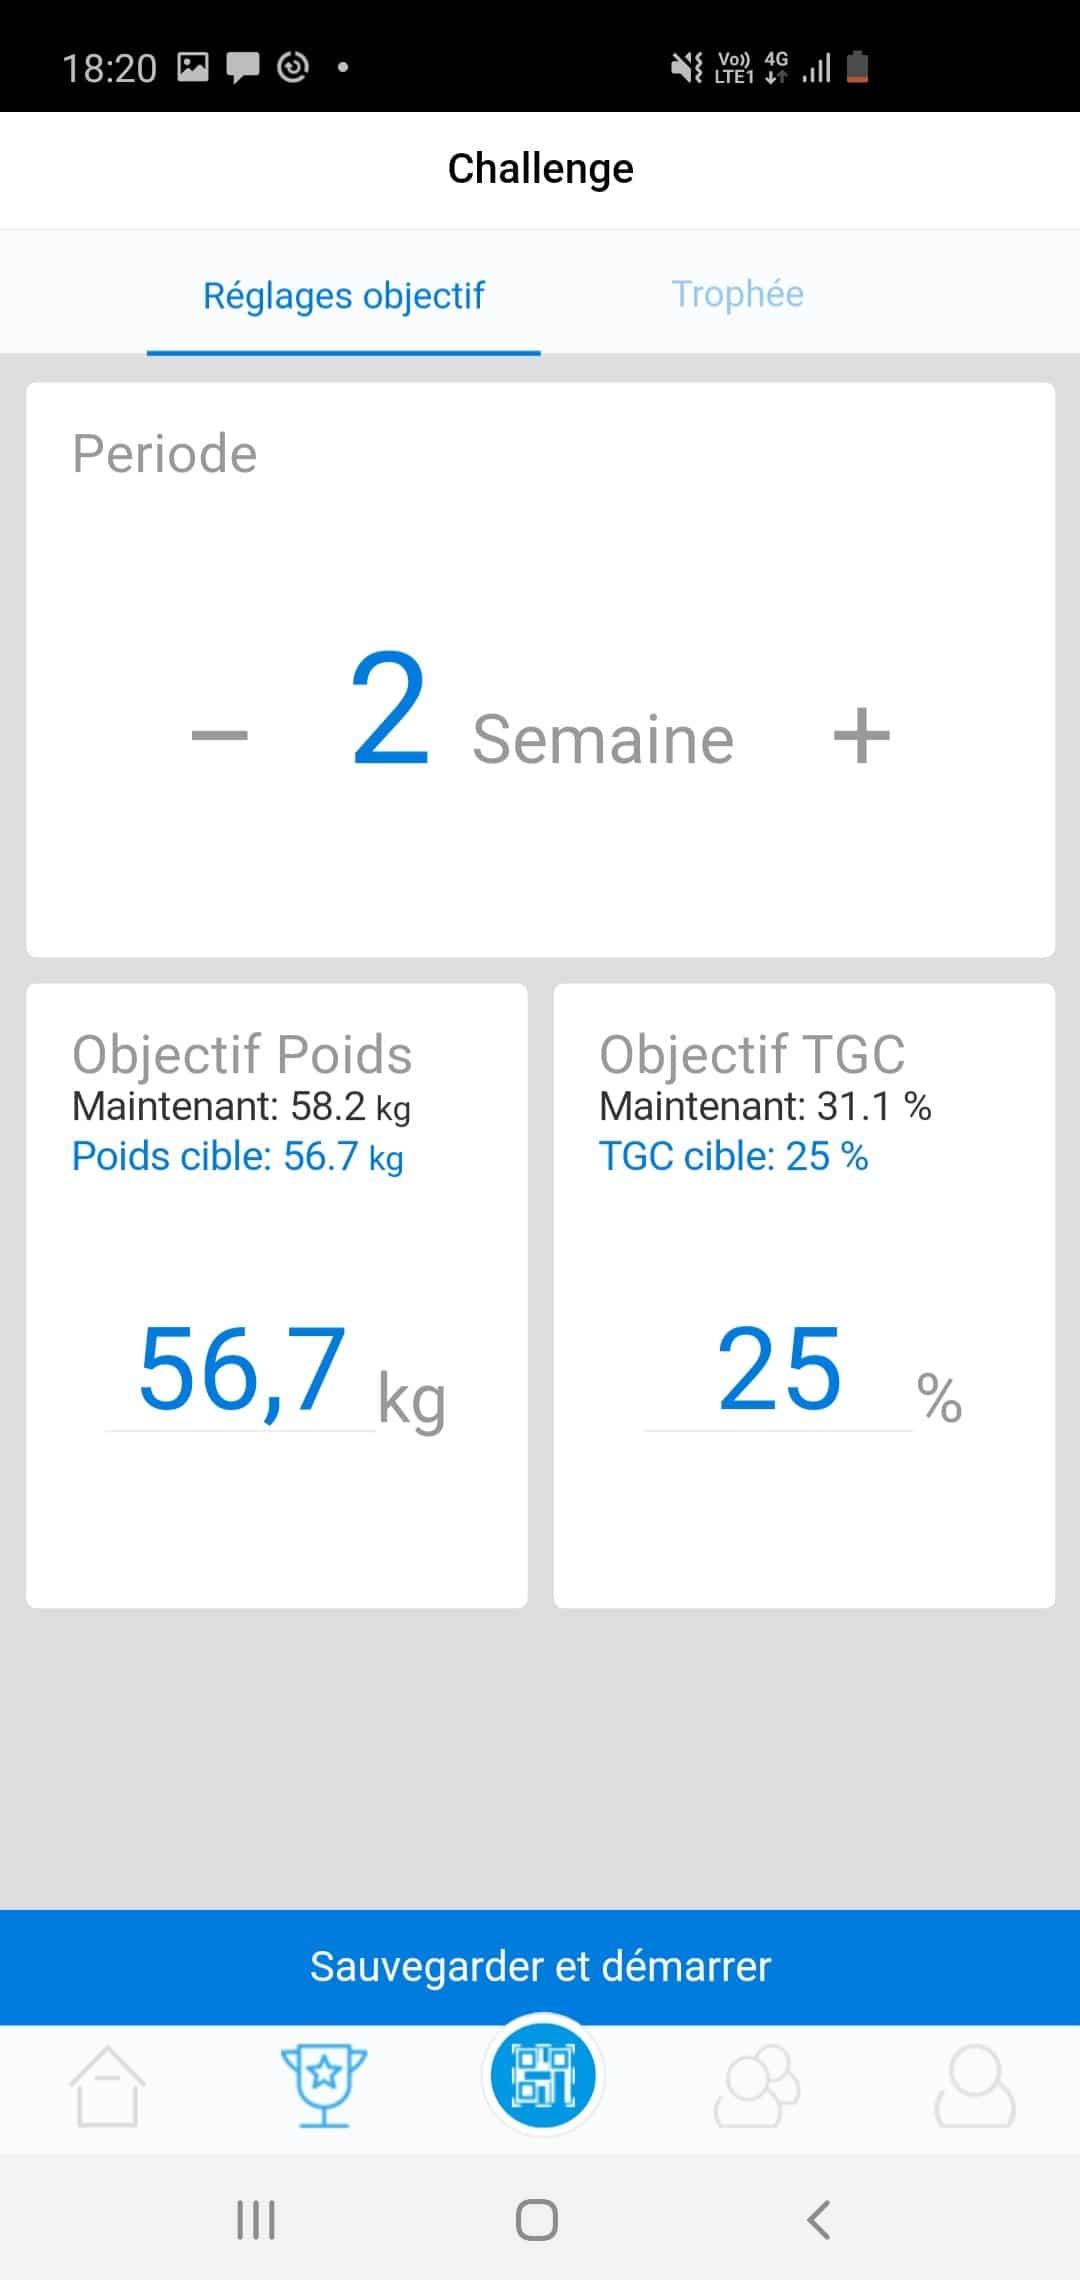 écran de l'application ACCUNIQ montrant vos objectifs